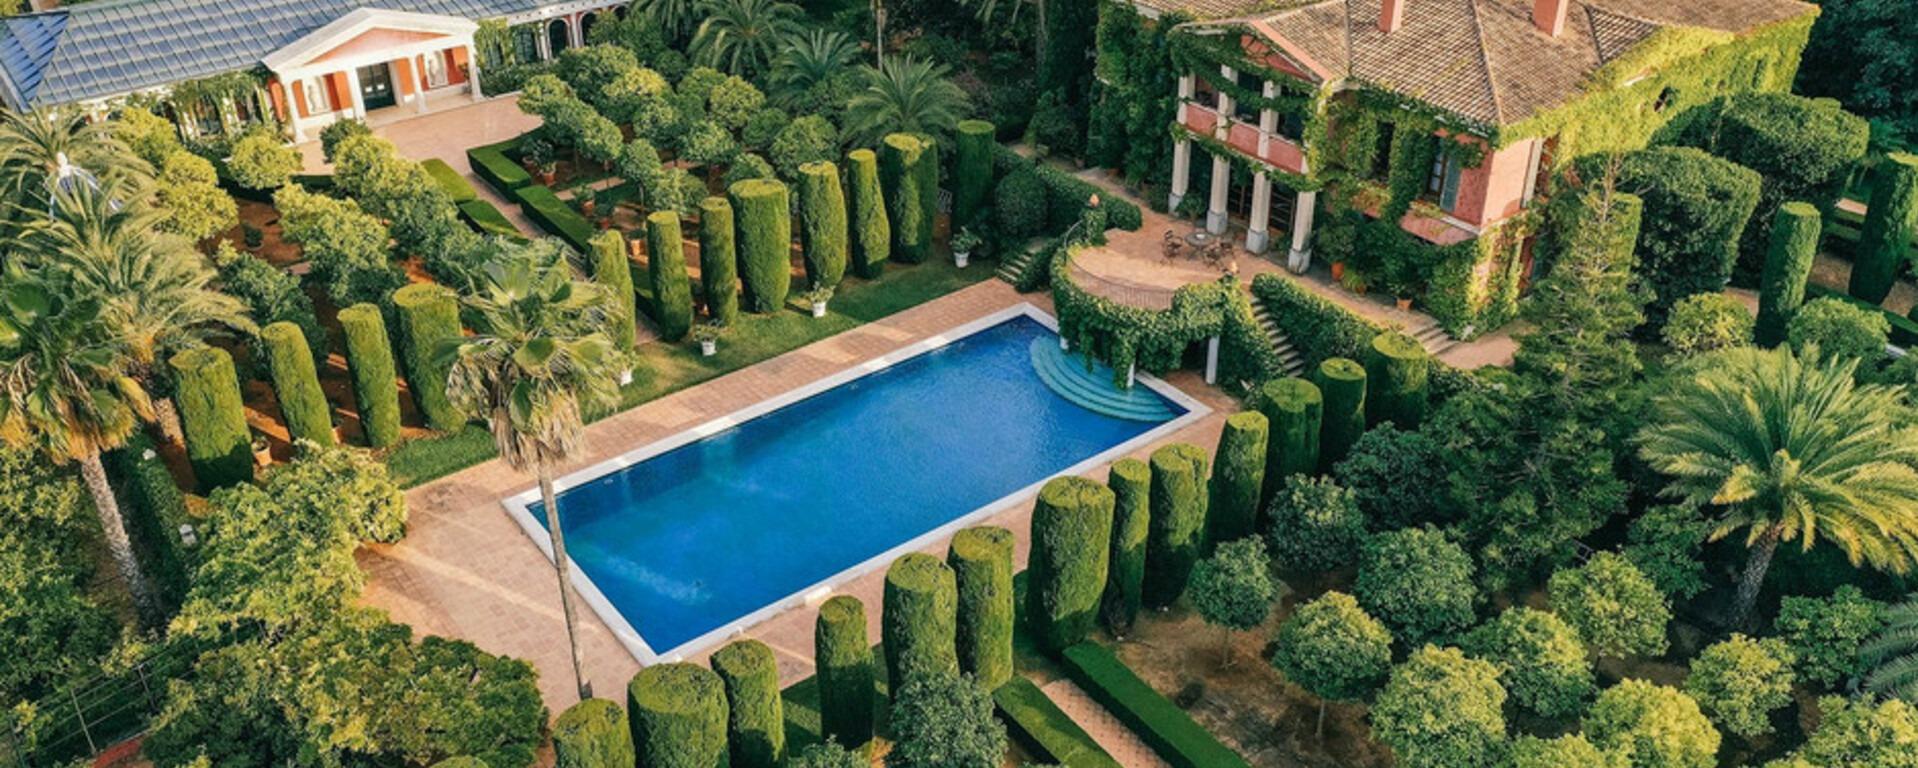 Jardin de L'Albarda_width 1920